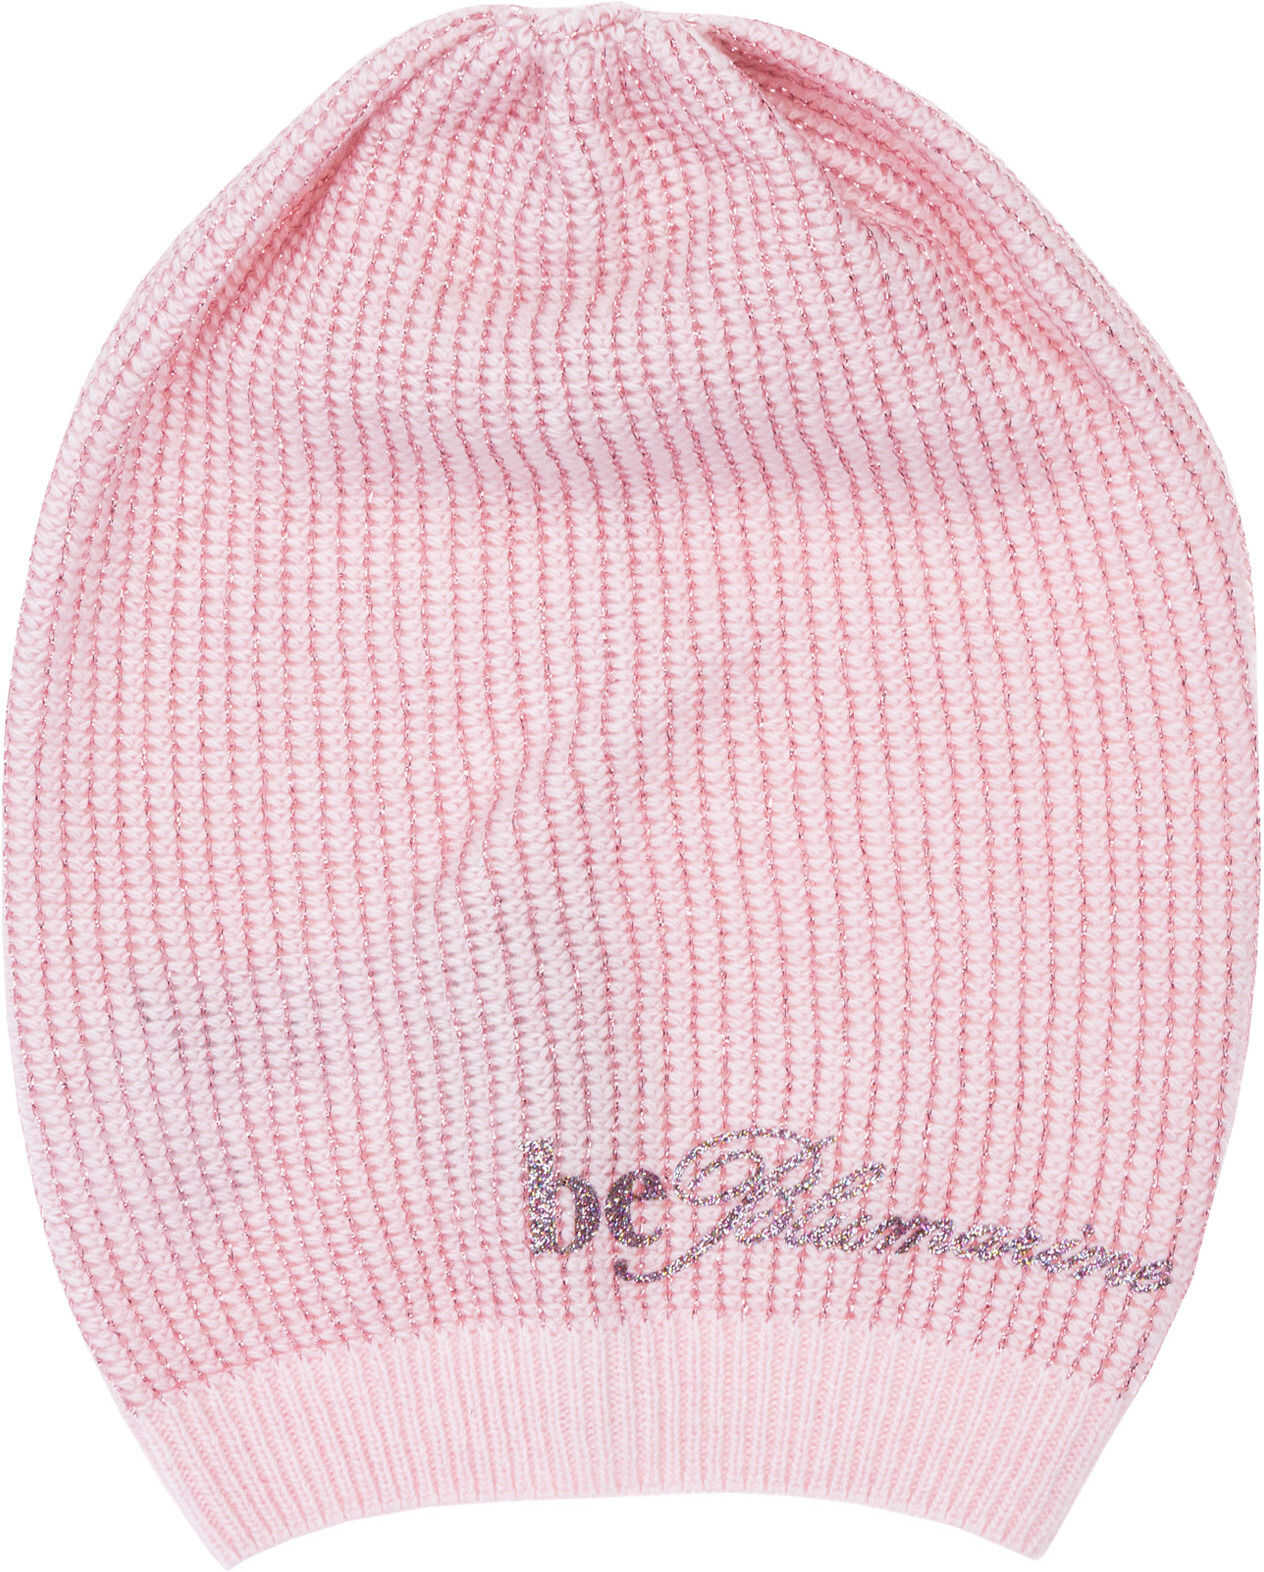 Be Blumarine Beanie Hat Pink